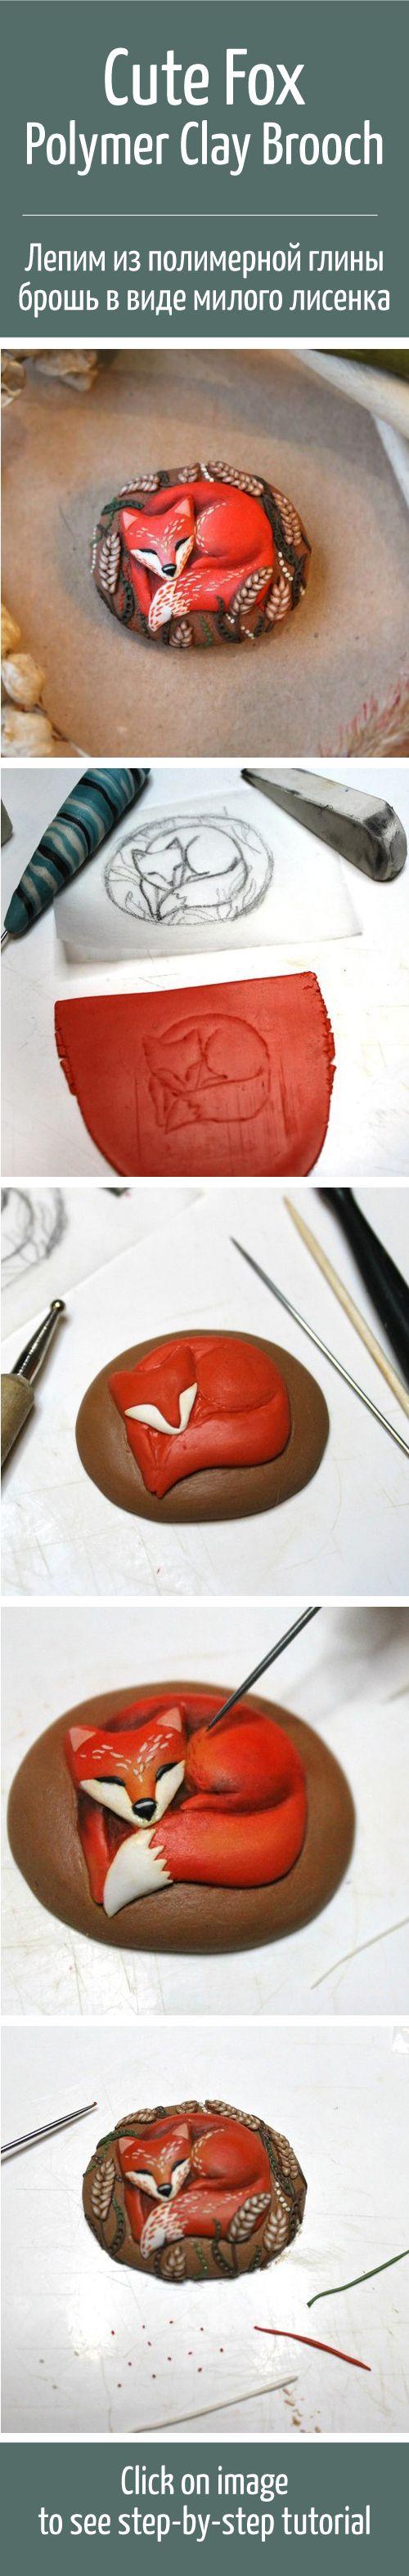 Cute polymer clay brooch Fox tutorial / Лепим из полимерной глины брошь в виде милого лисенка